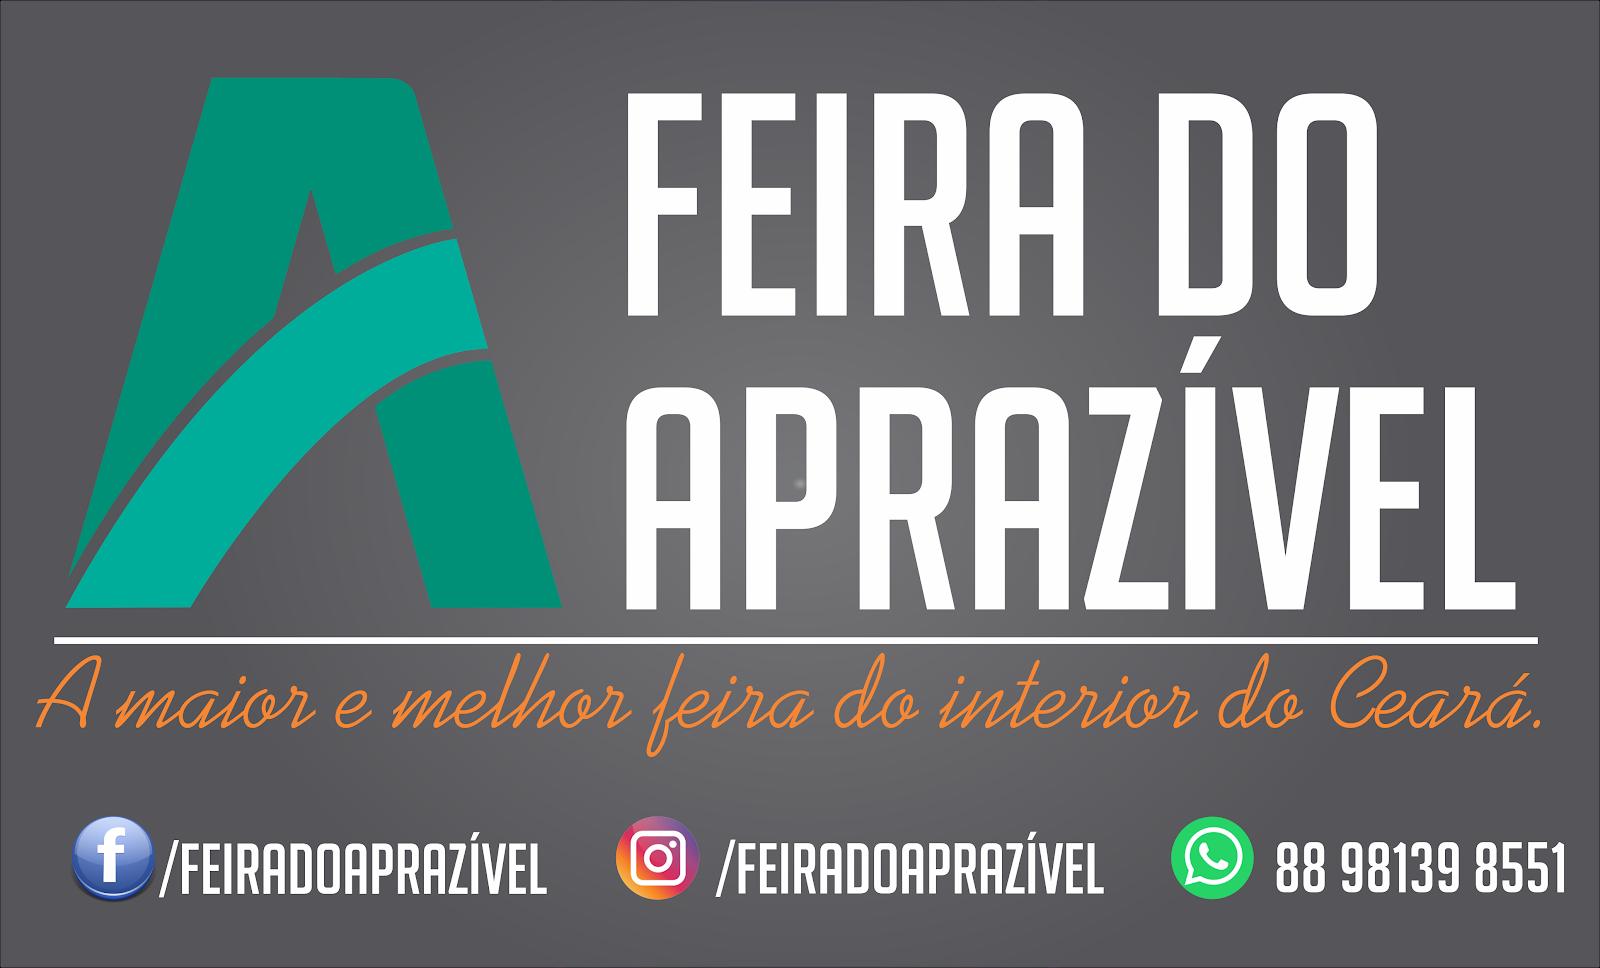 FEIRA DO APRAZÍVEL